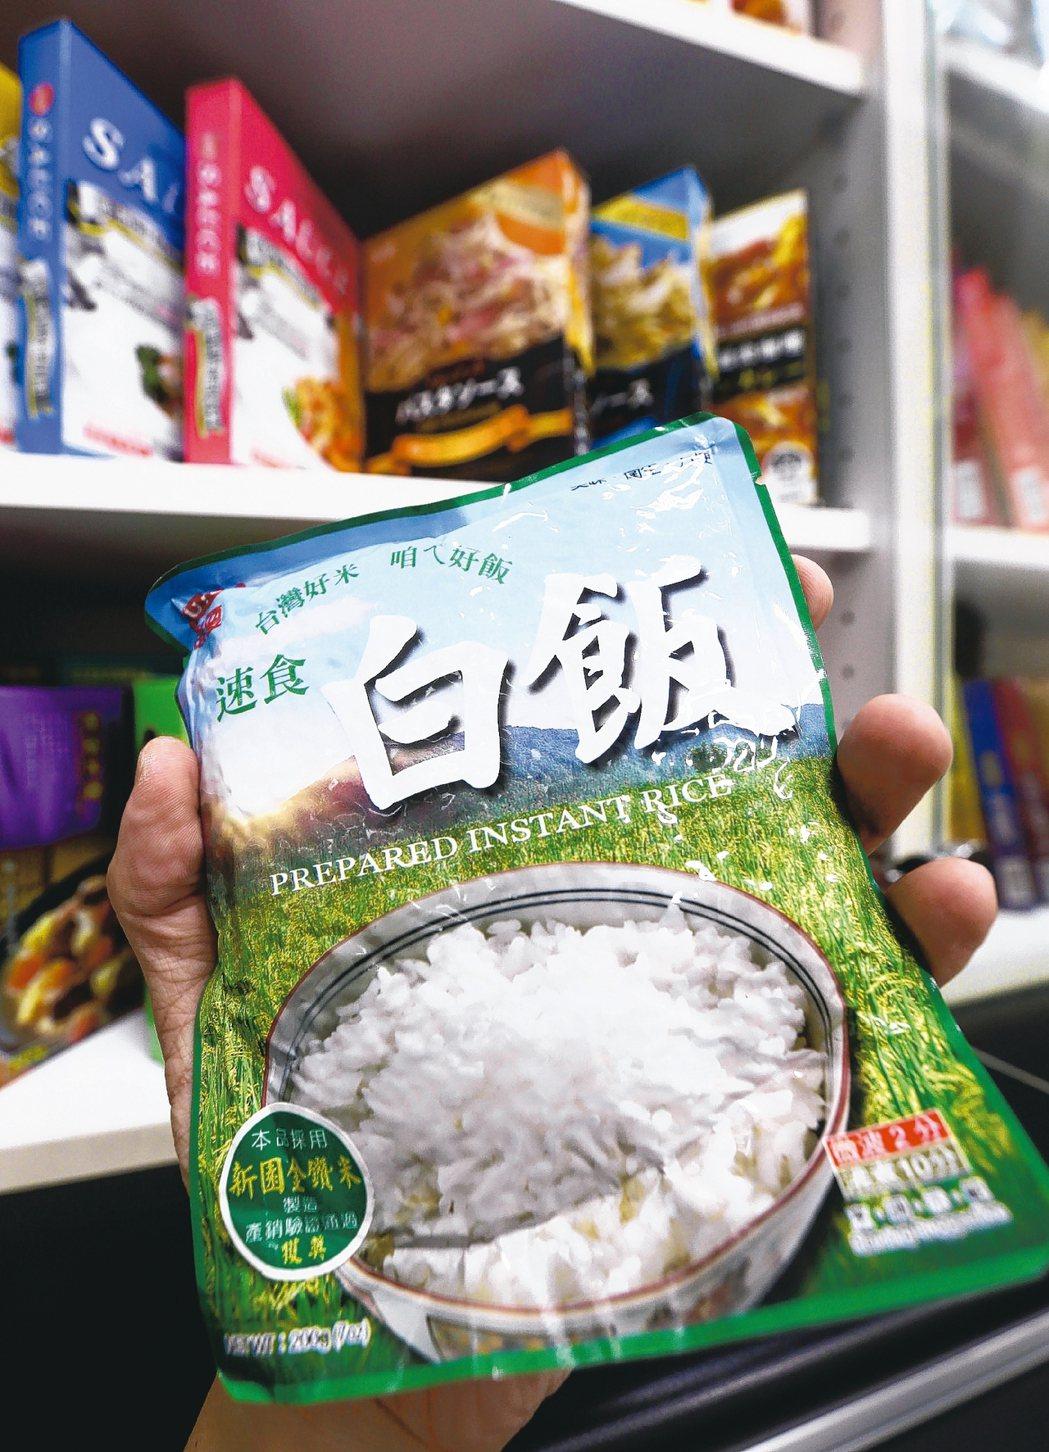 聯夏食品的產品─料理包